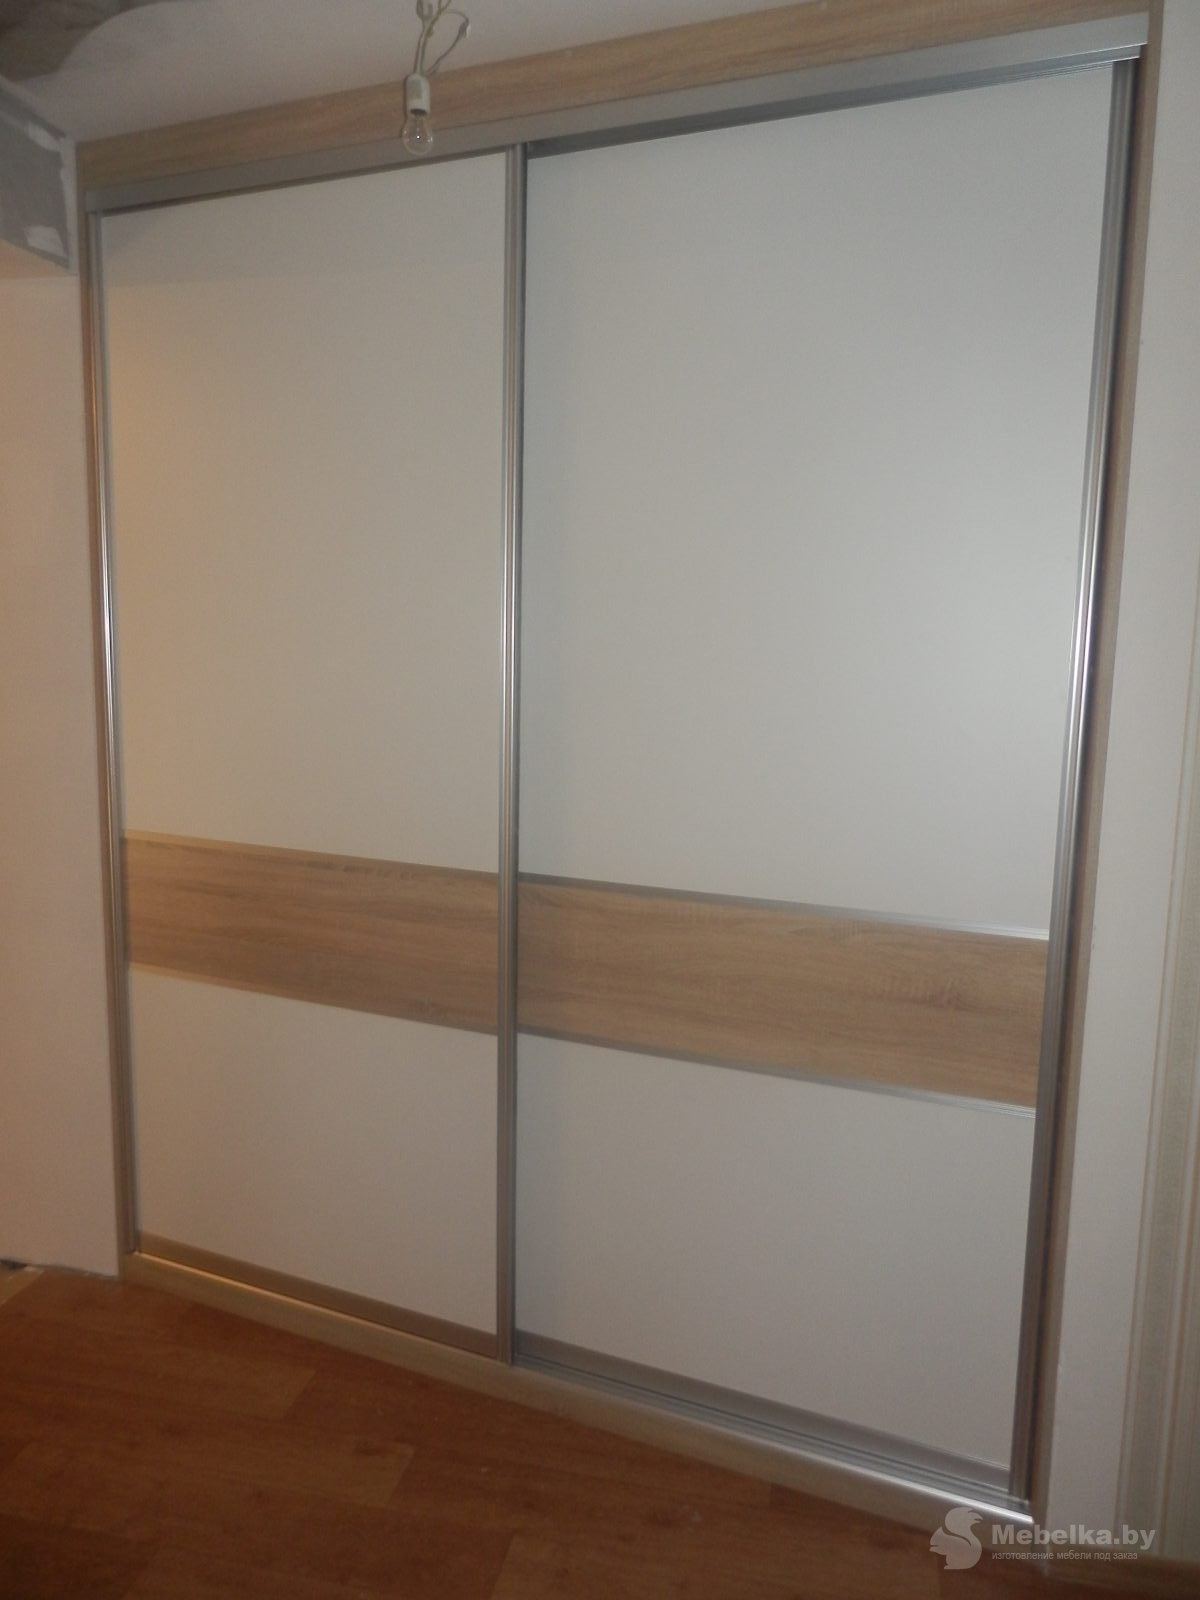 Двери-купе гардеробной, белый и дуб